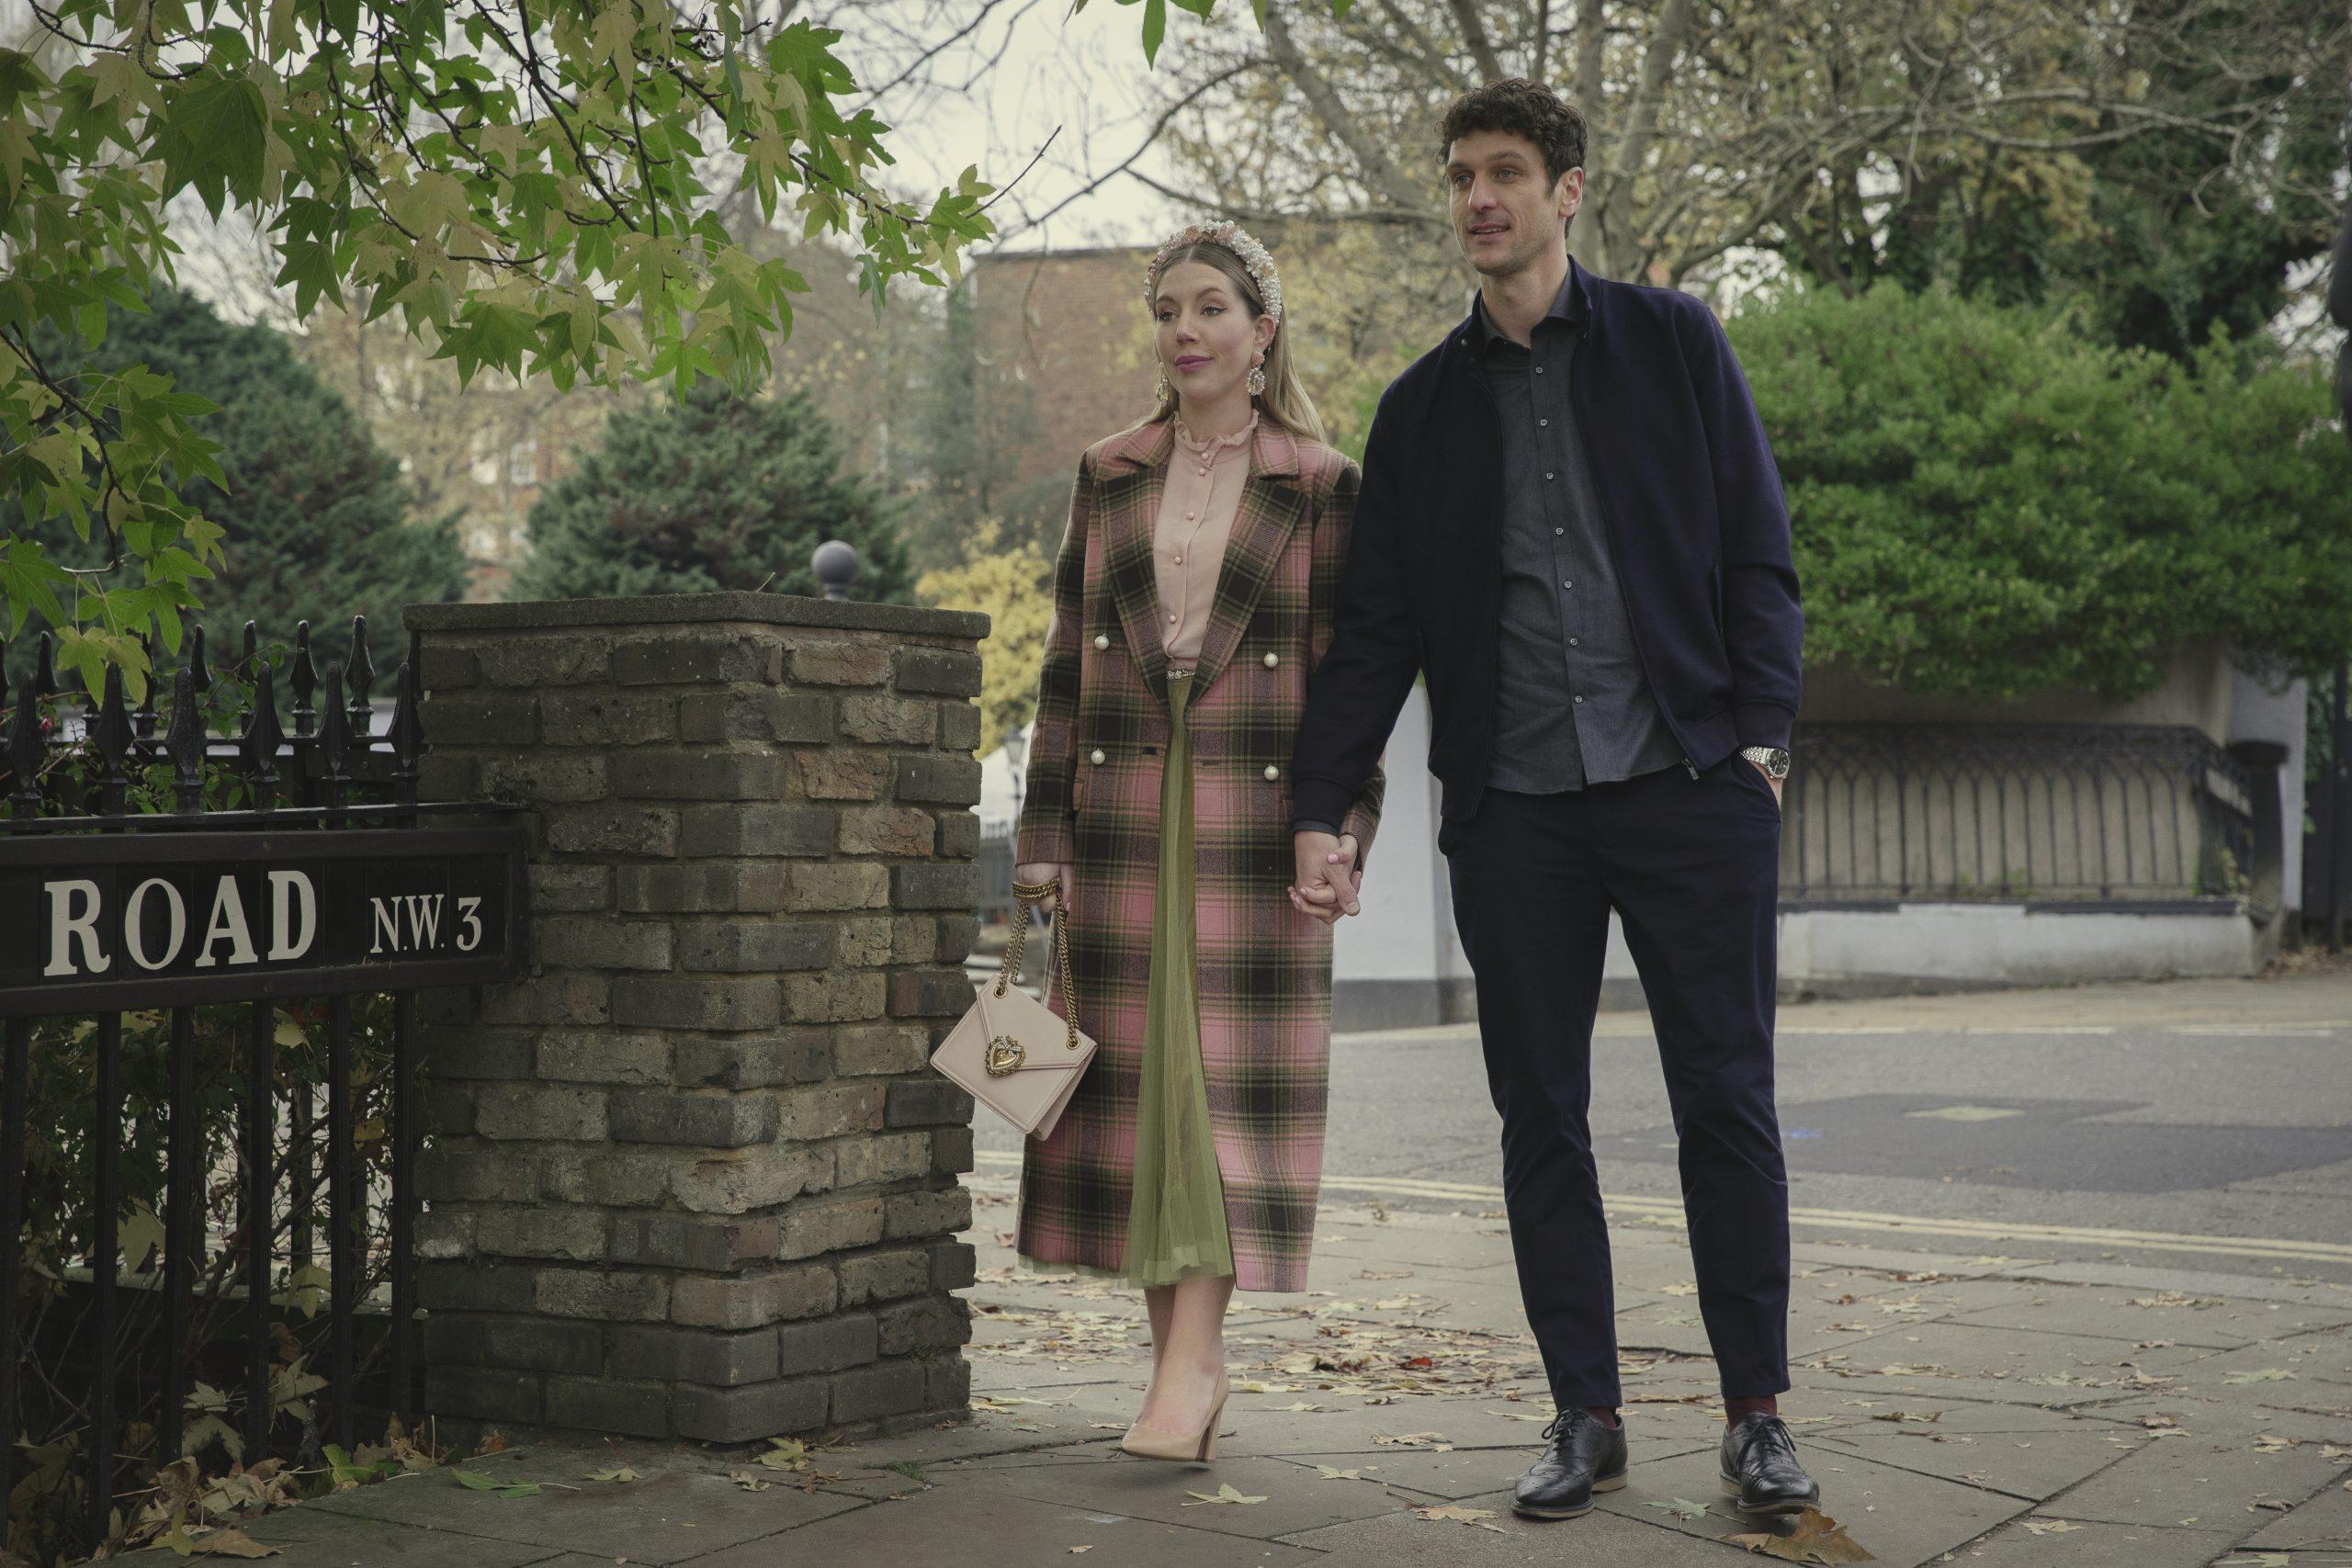 Katherine y Evan se paran juntos en la Duquesa tomados de la mano